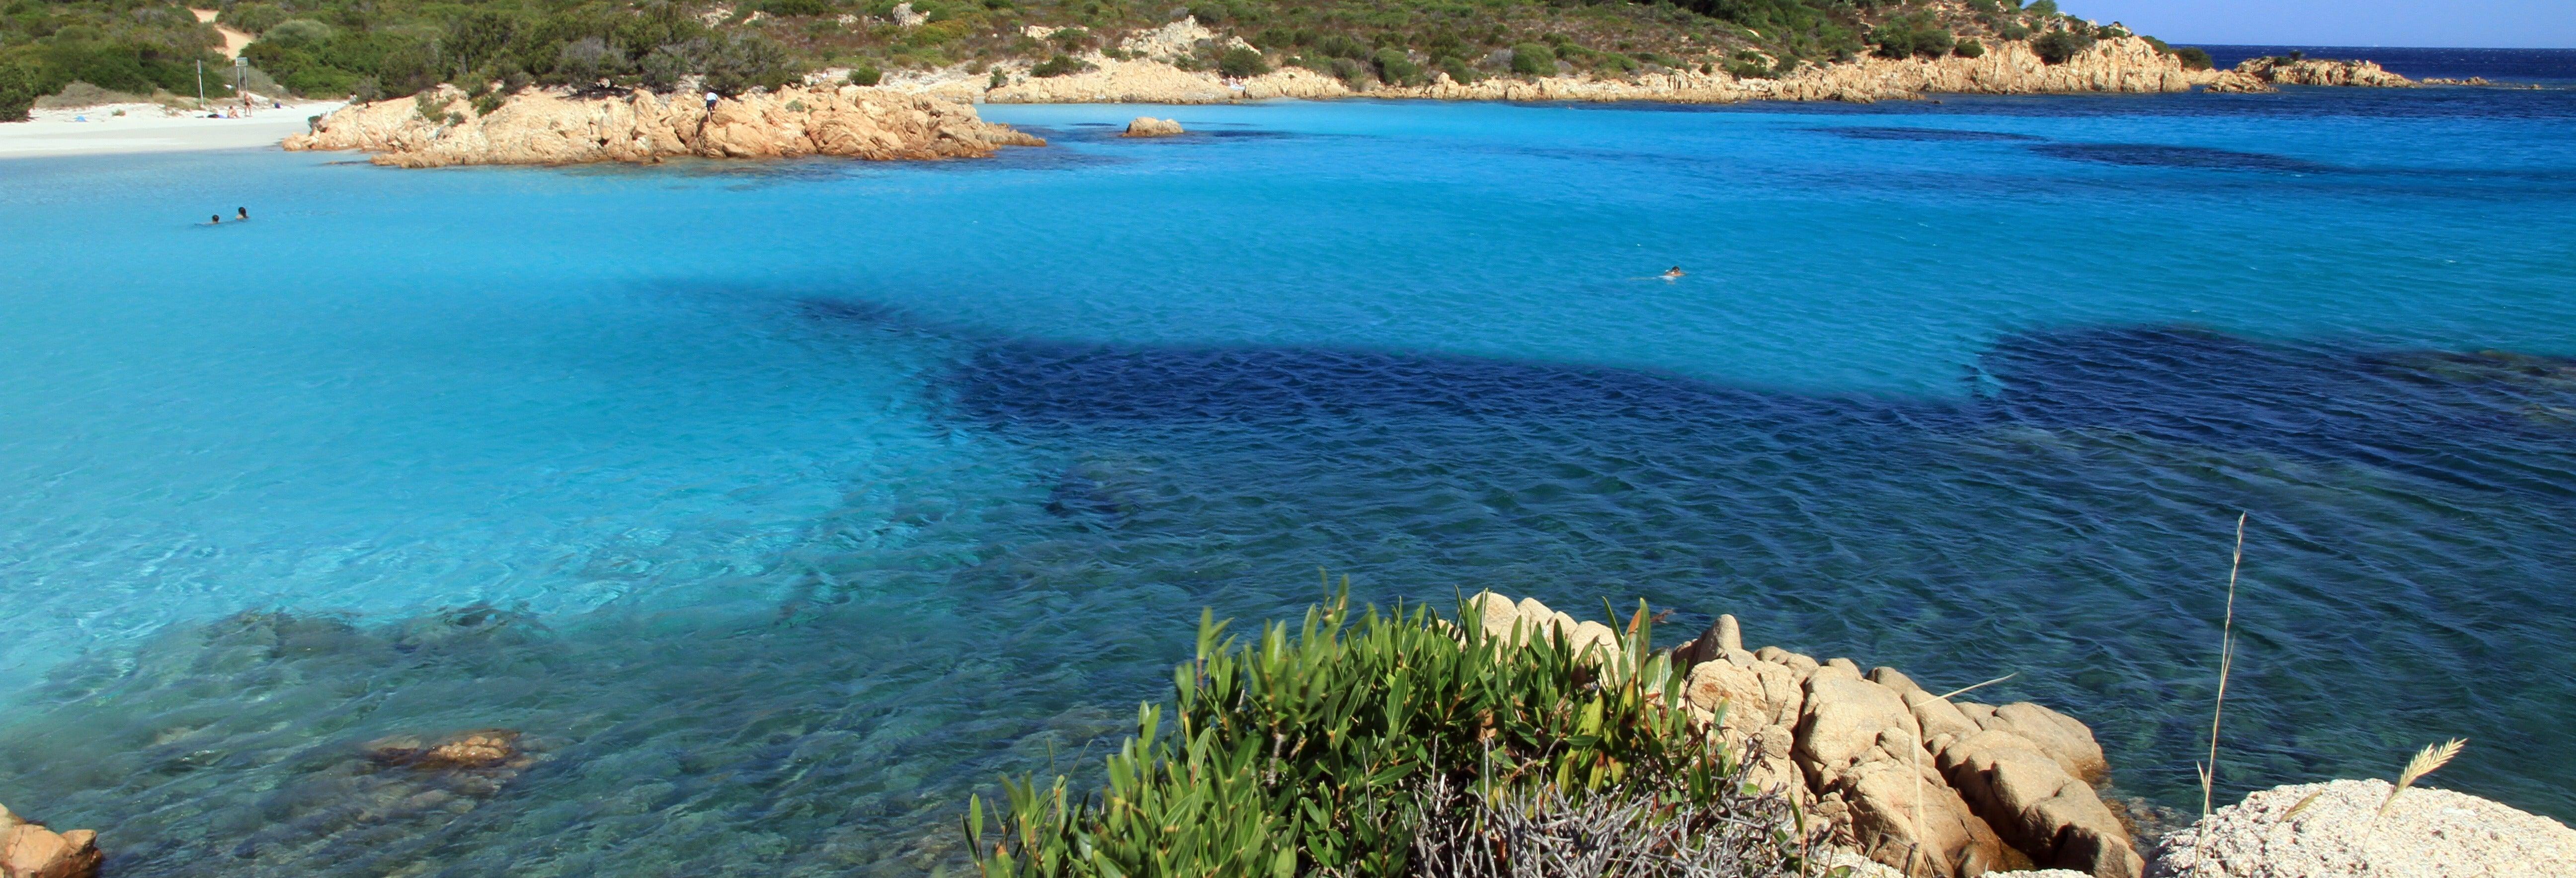 Excursión por la Costa Esmeralda